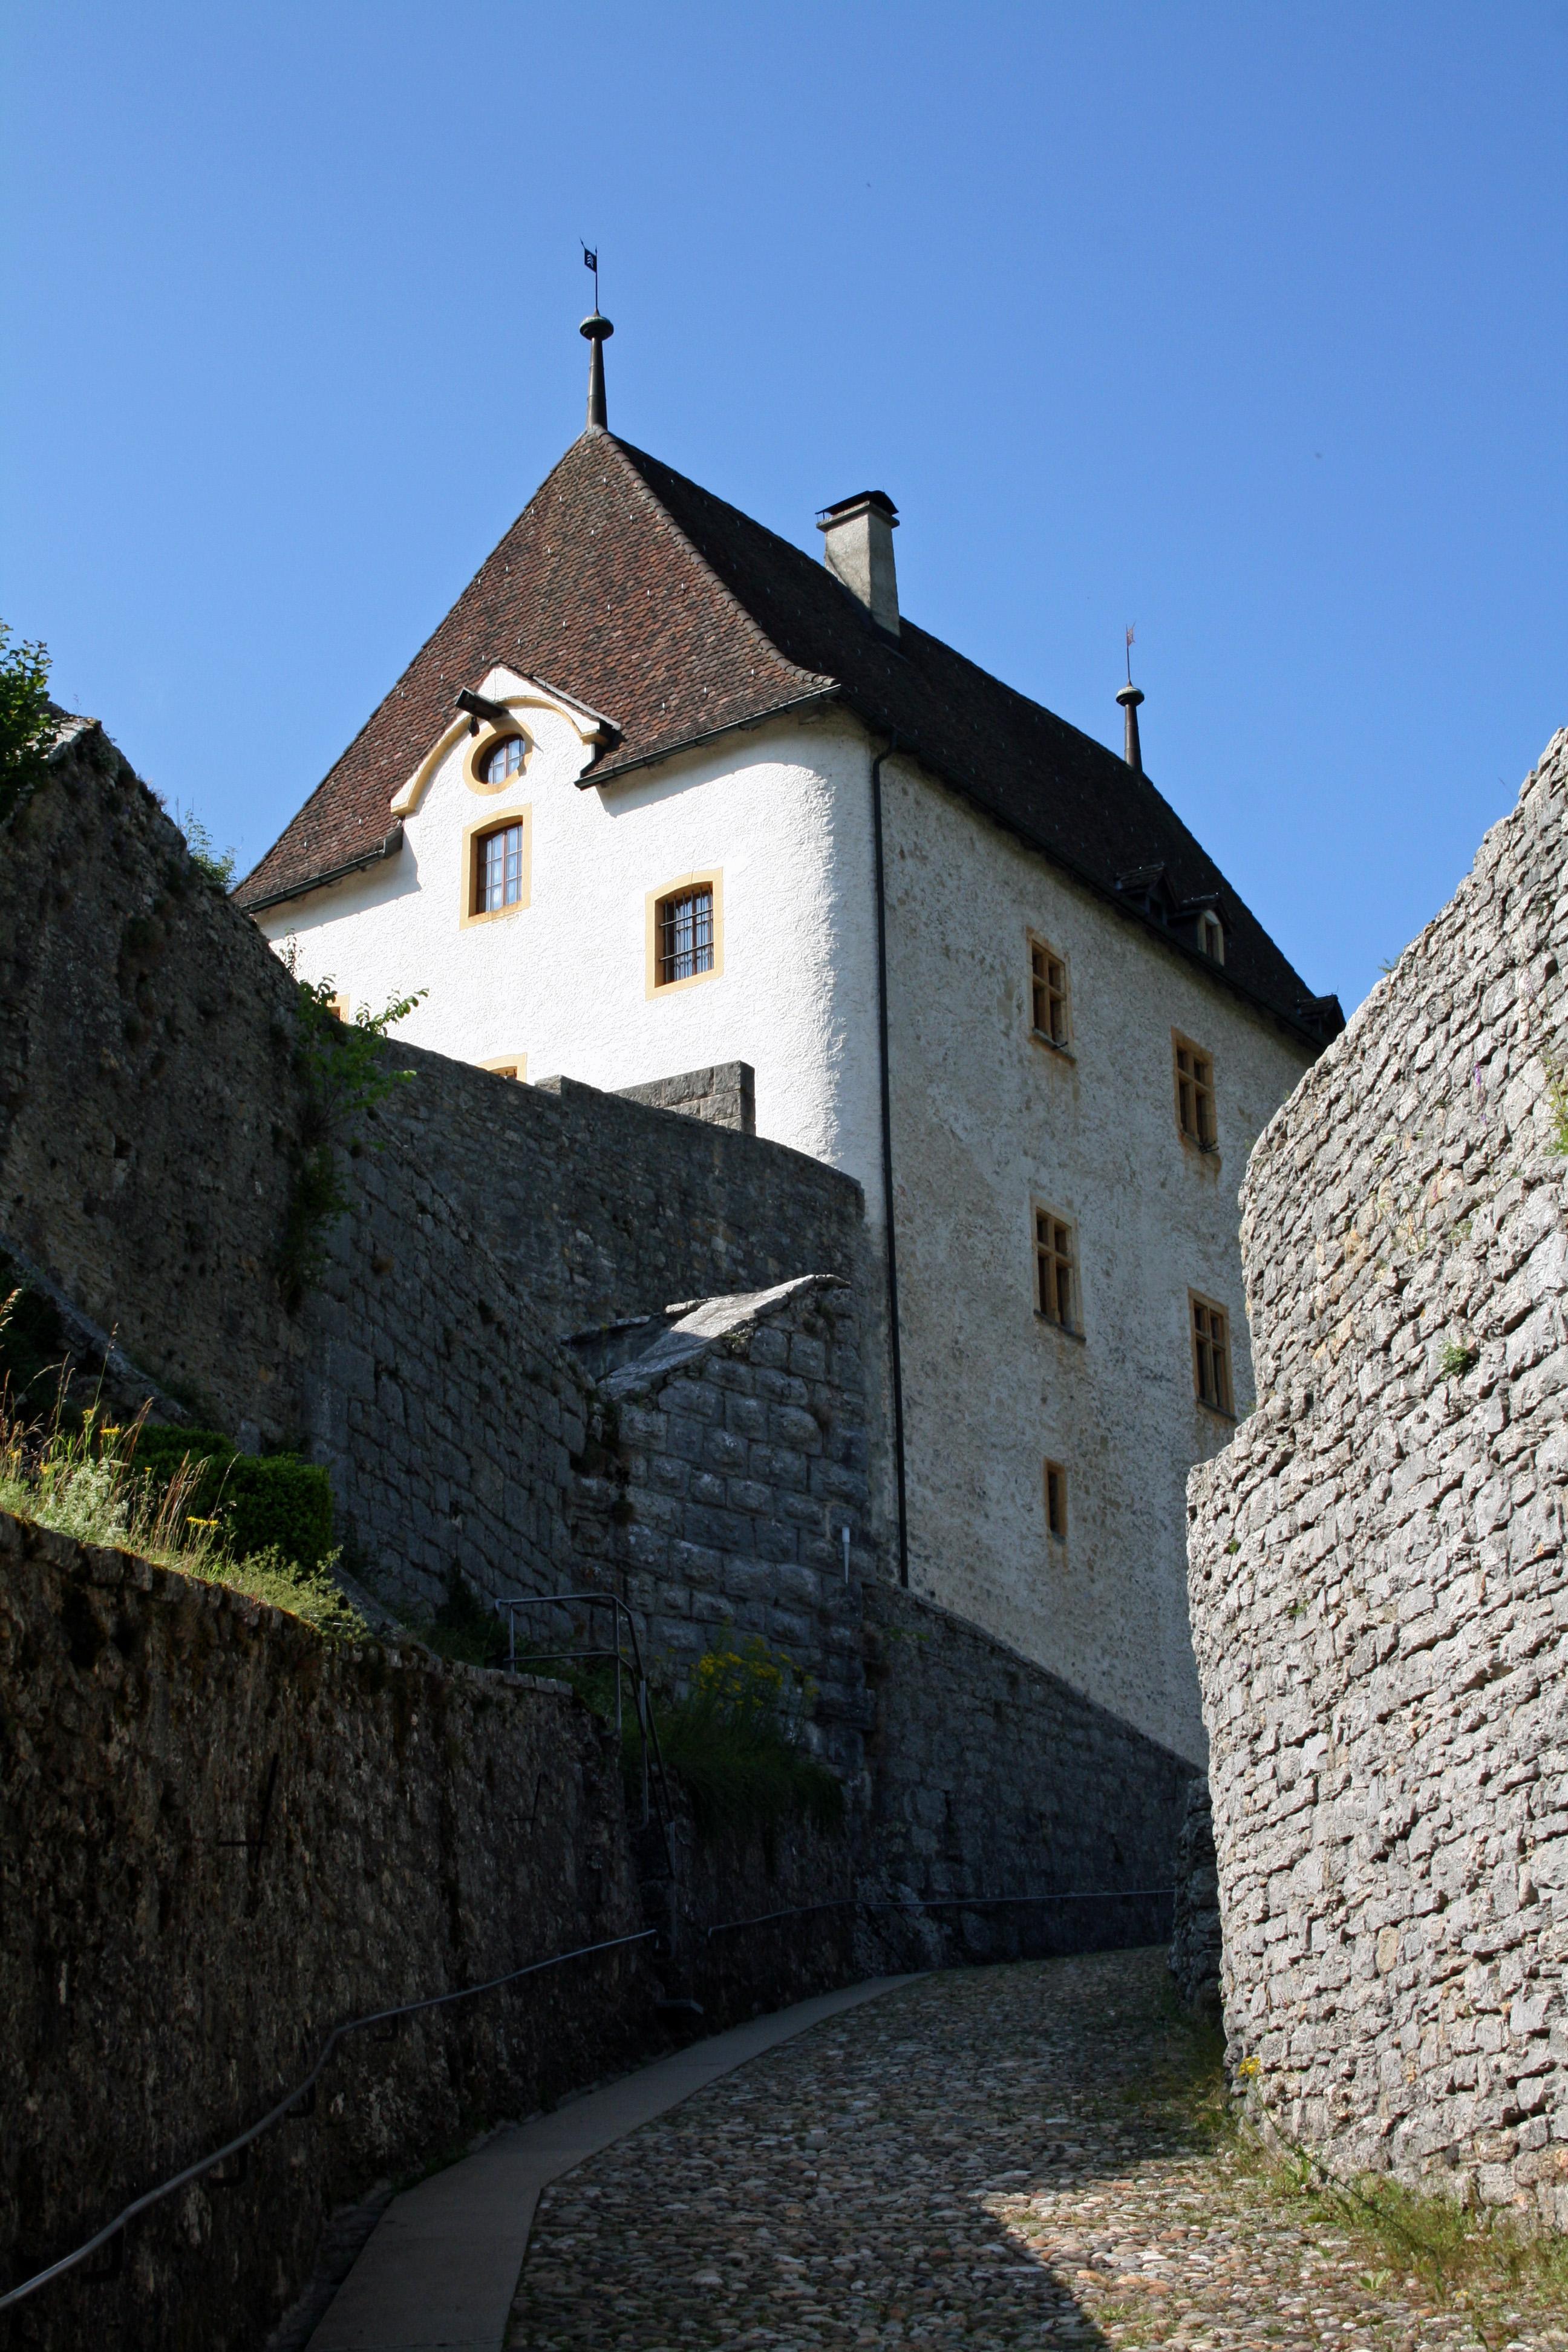 Temples, Eglises, Châteaux et belles demeures du canton de Neuchâtel